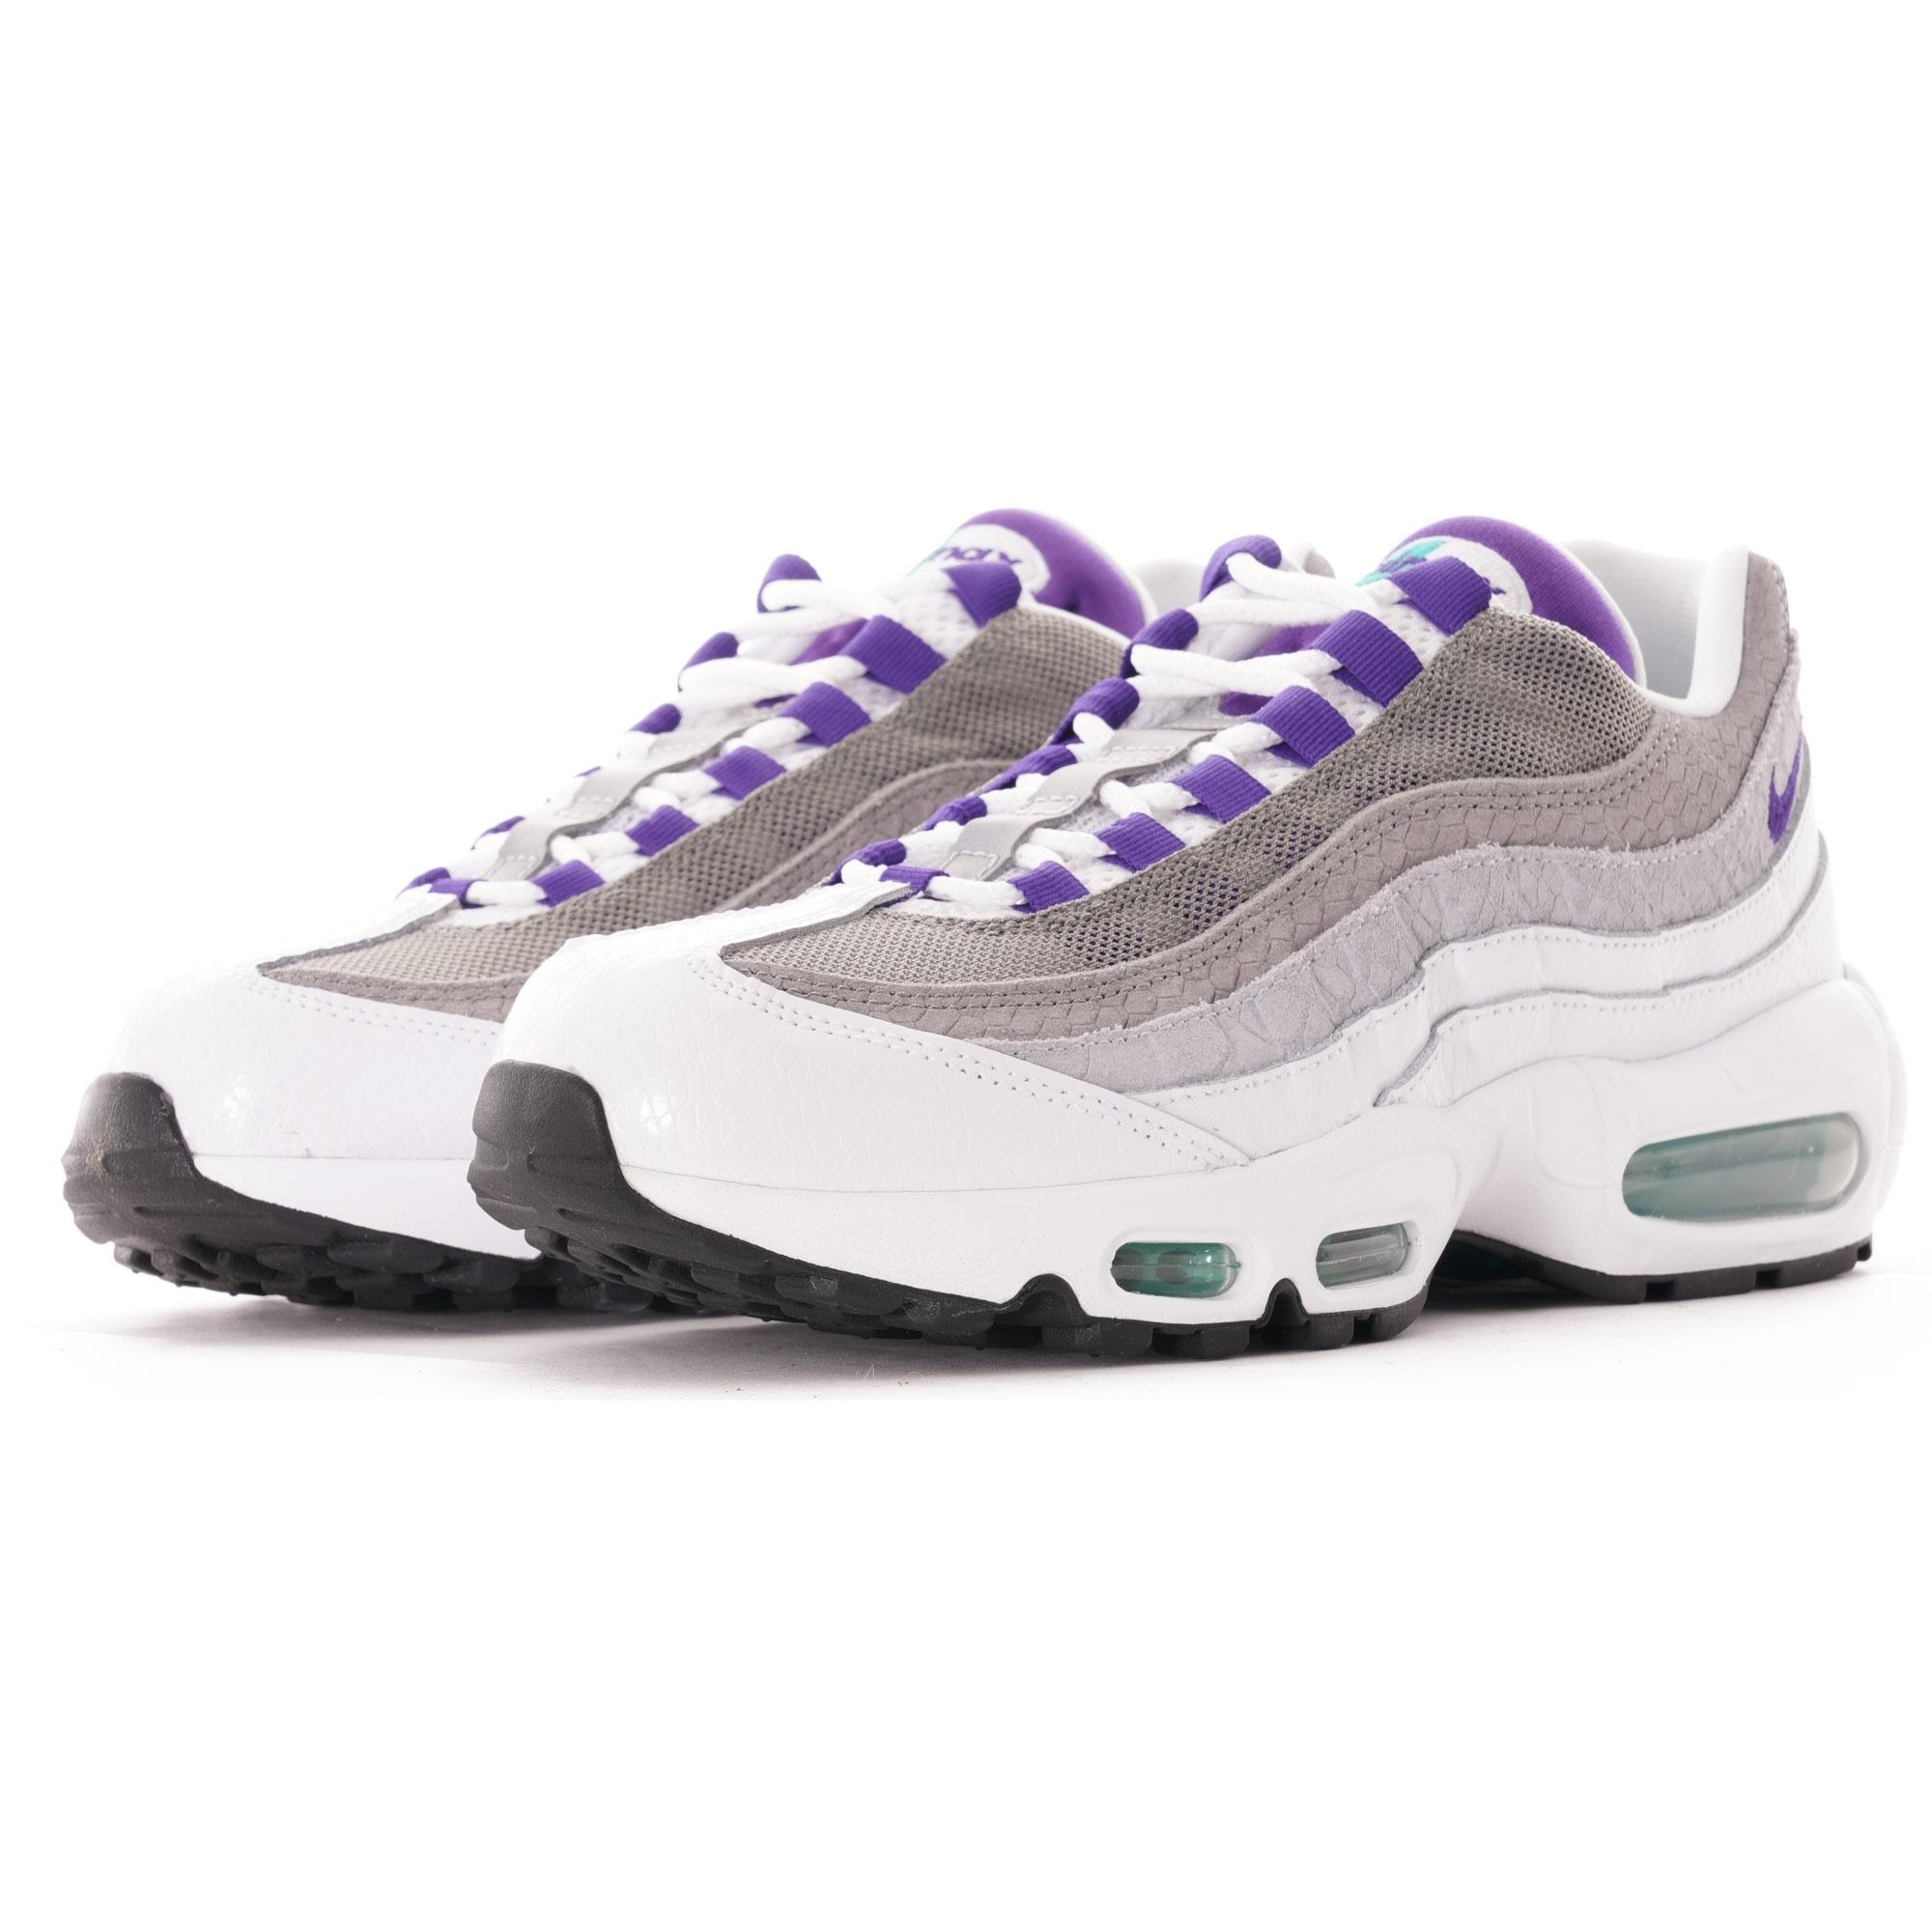 Nike Air Max 95 LV8 - White/Court Purple